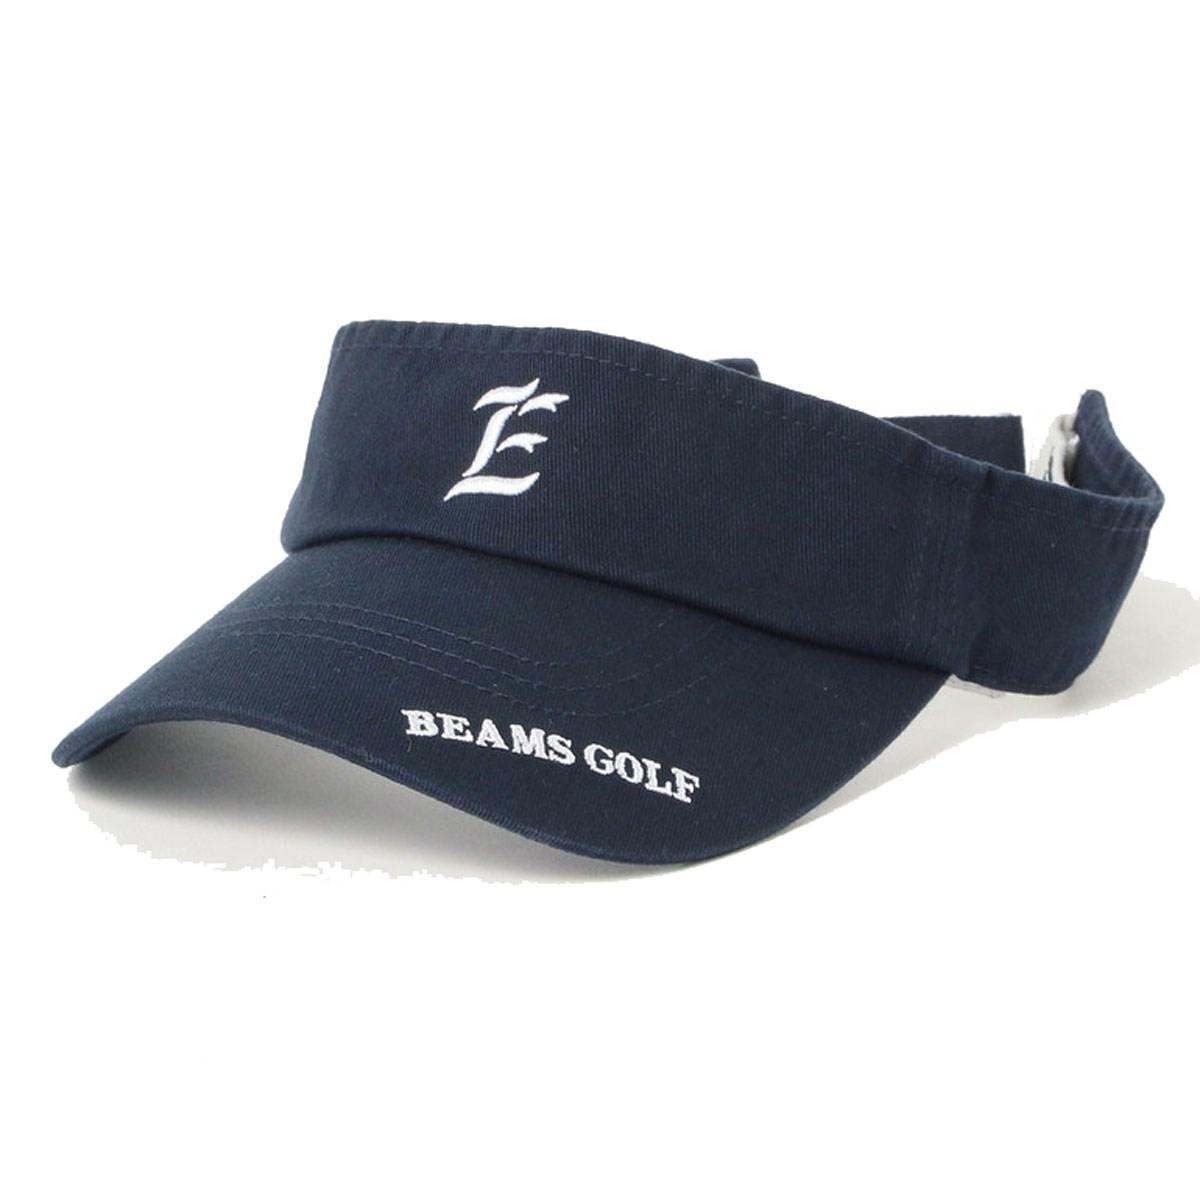 ビームスゴルフ BEAMS GOLF PURPLE LABEL ロゴ サンバイザー 2019SS